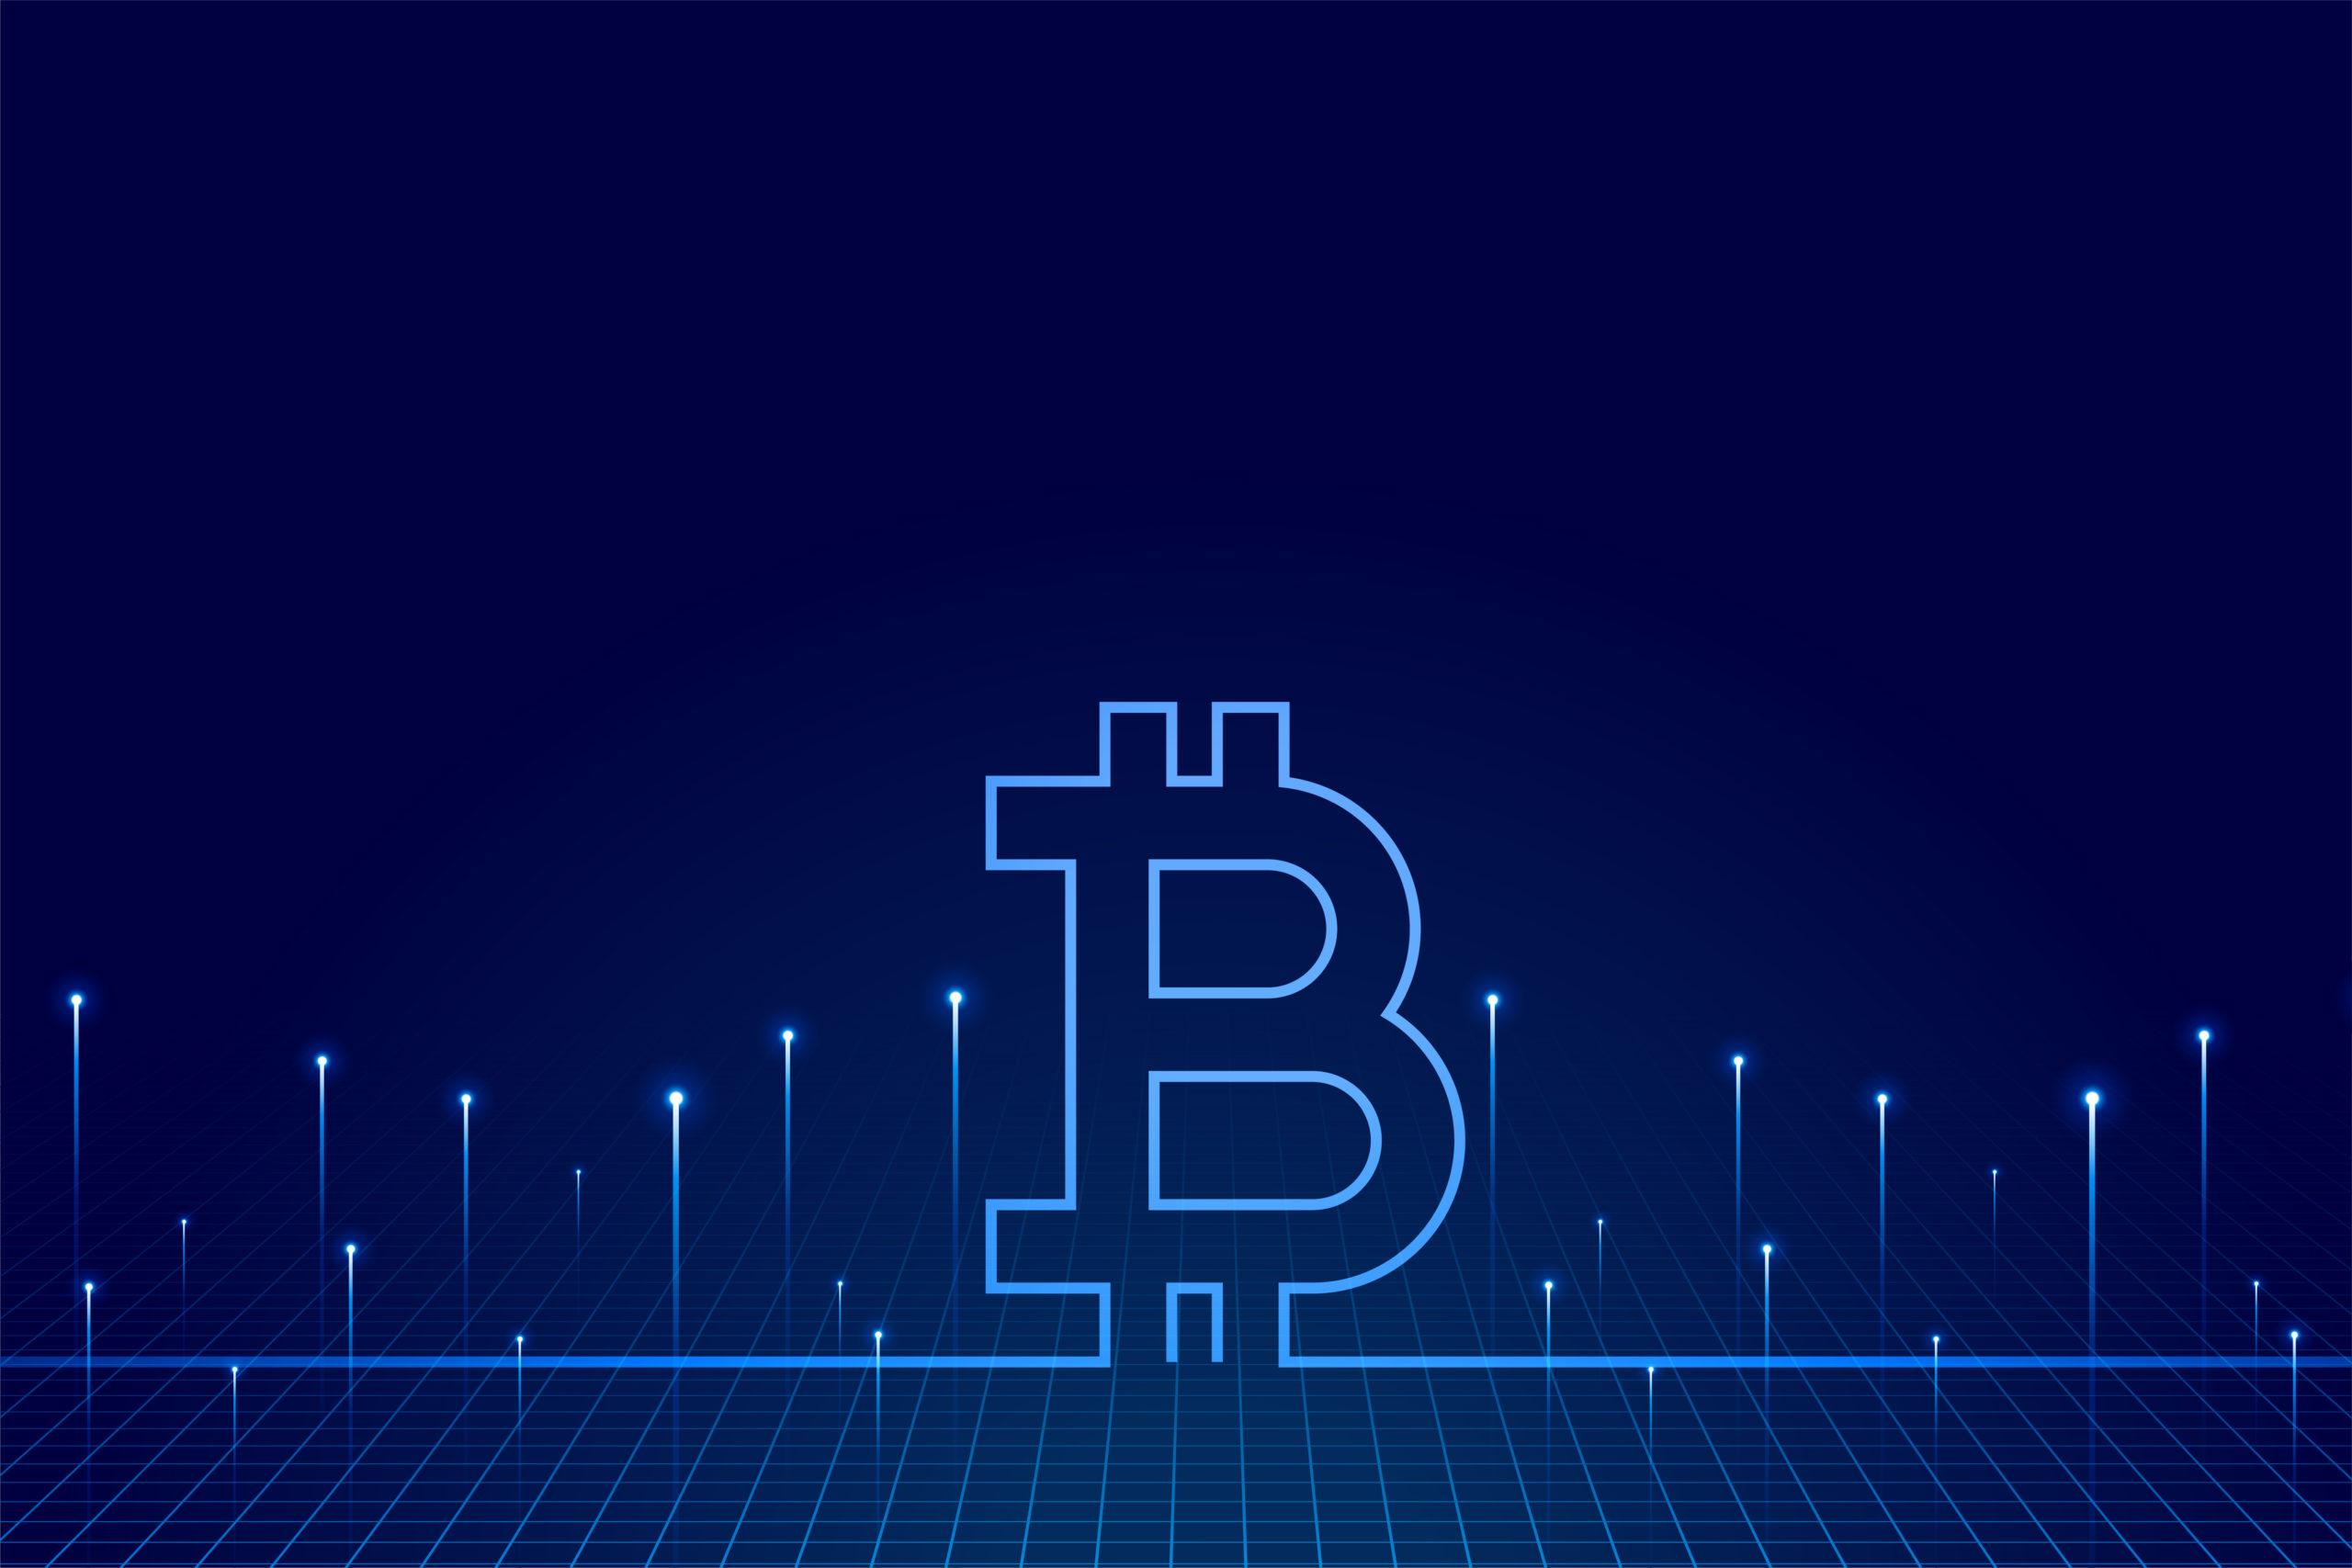 mart bitcoin btc icin yukselis ayi olacak mi